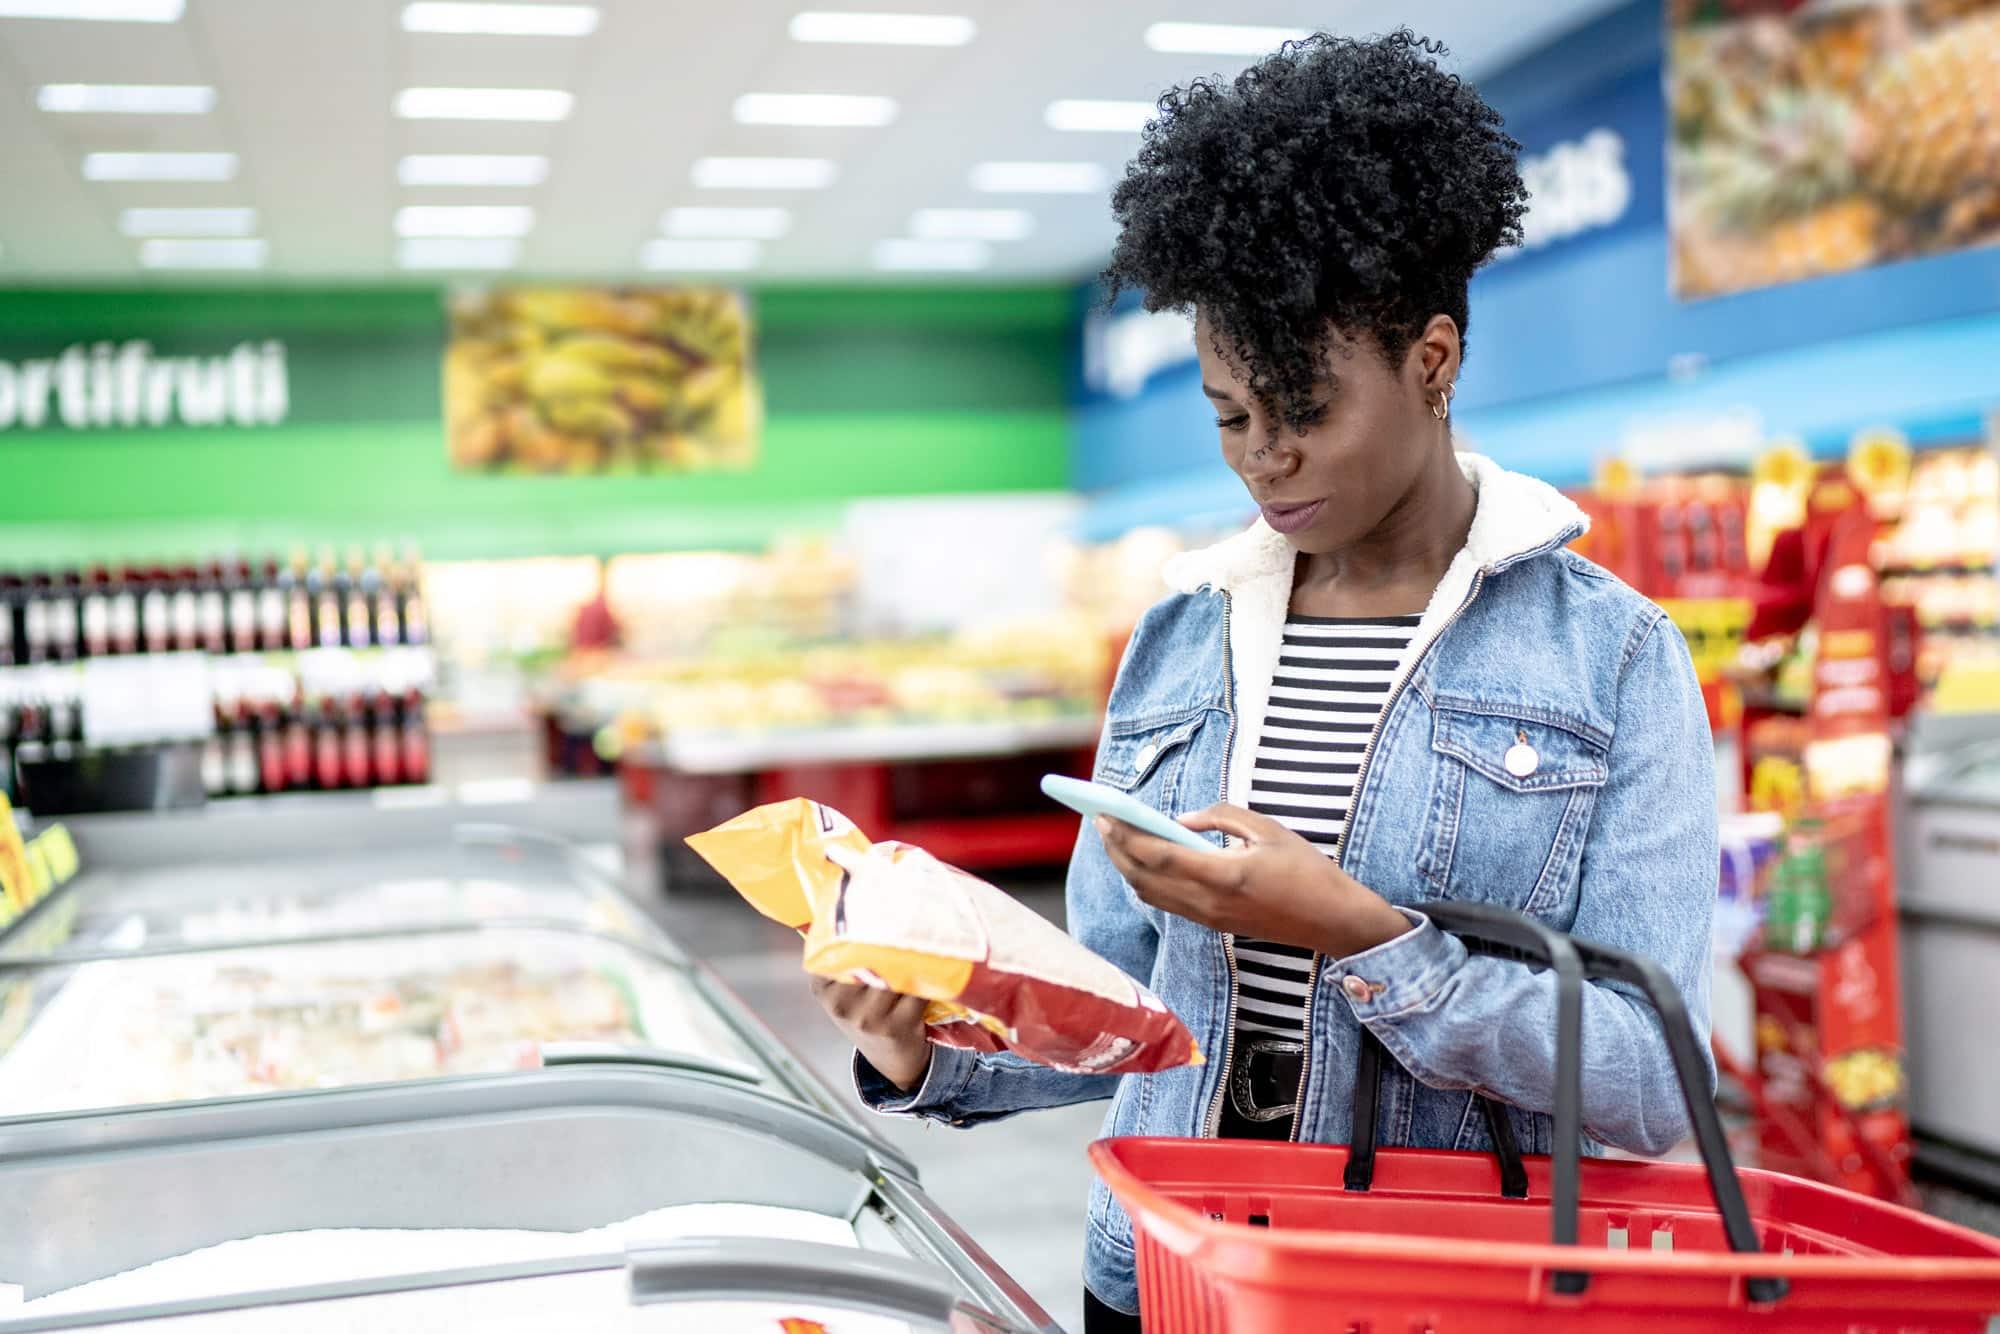 Eine Frau scannt mit ihrem Handy im Supermarkt die Rückseite einer Verpackung.